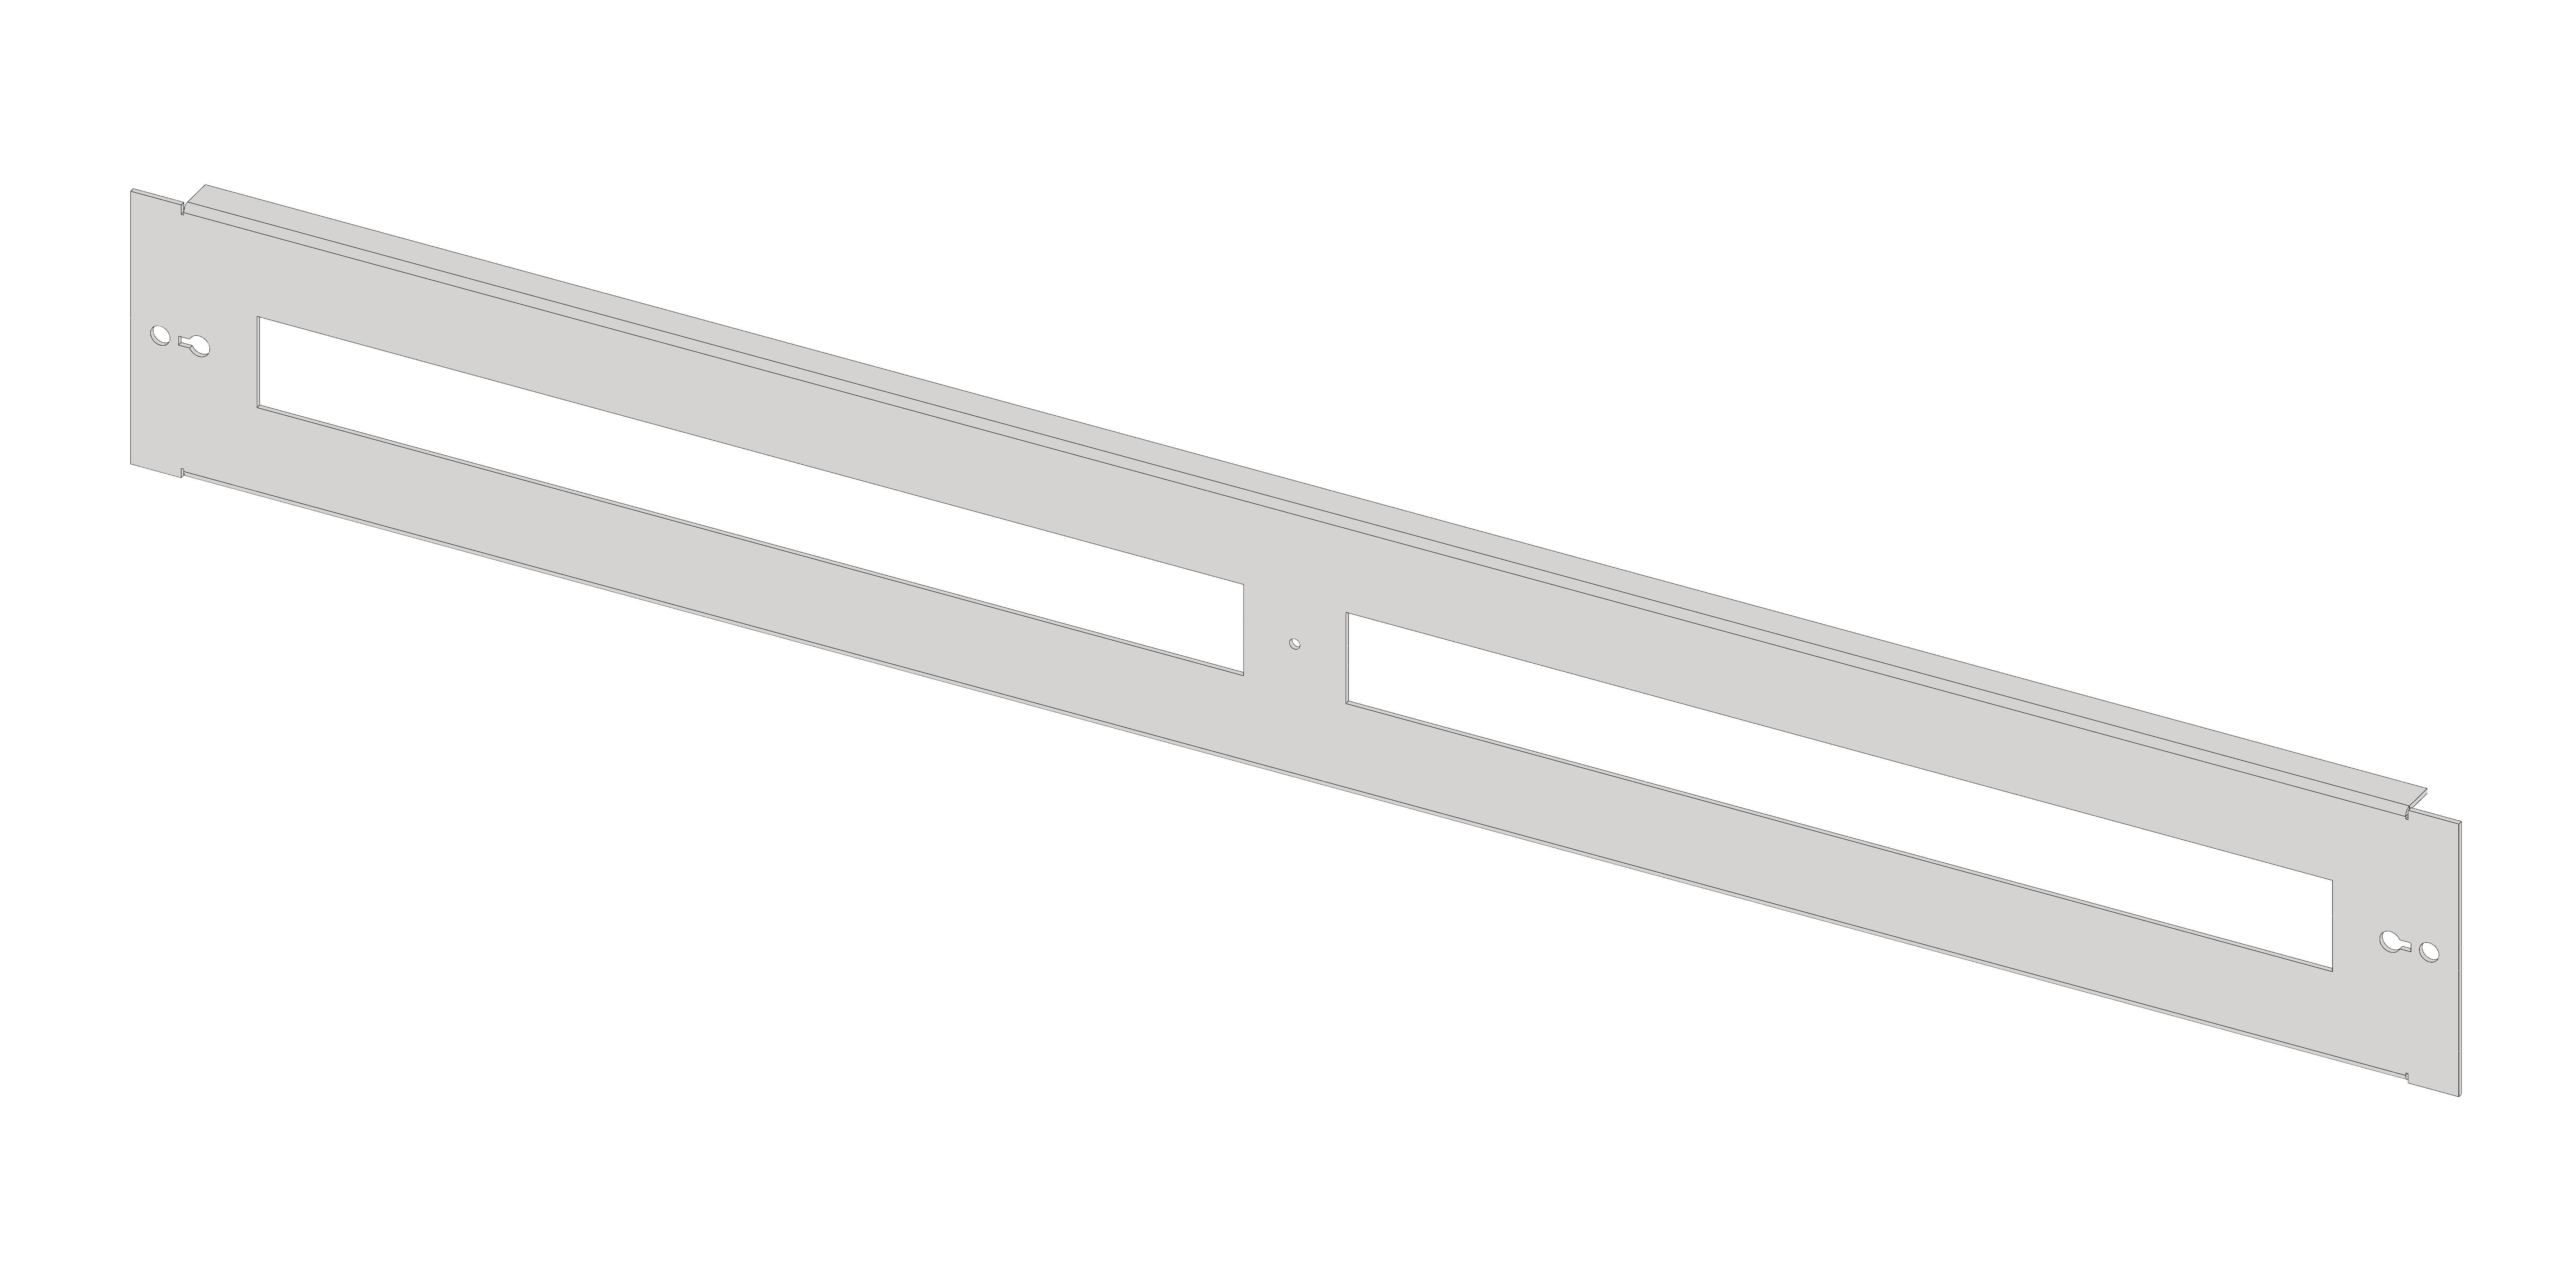 1 Stk Gerätefrontplatte 5G3K Kunststoff IL061503-F